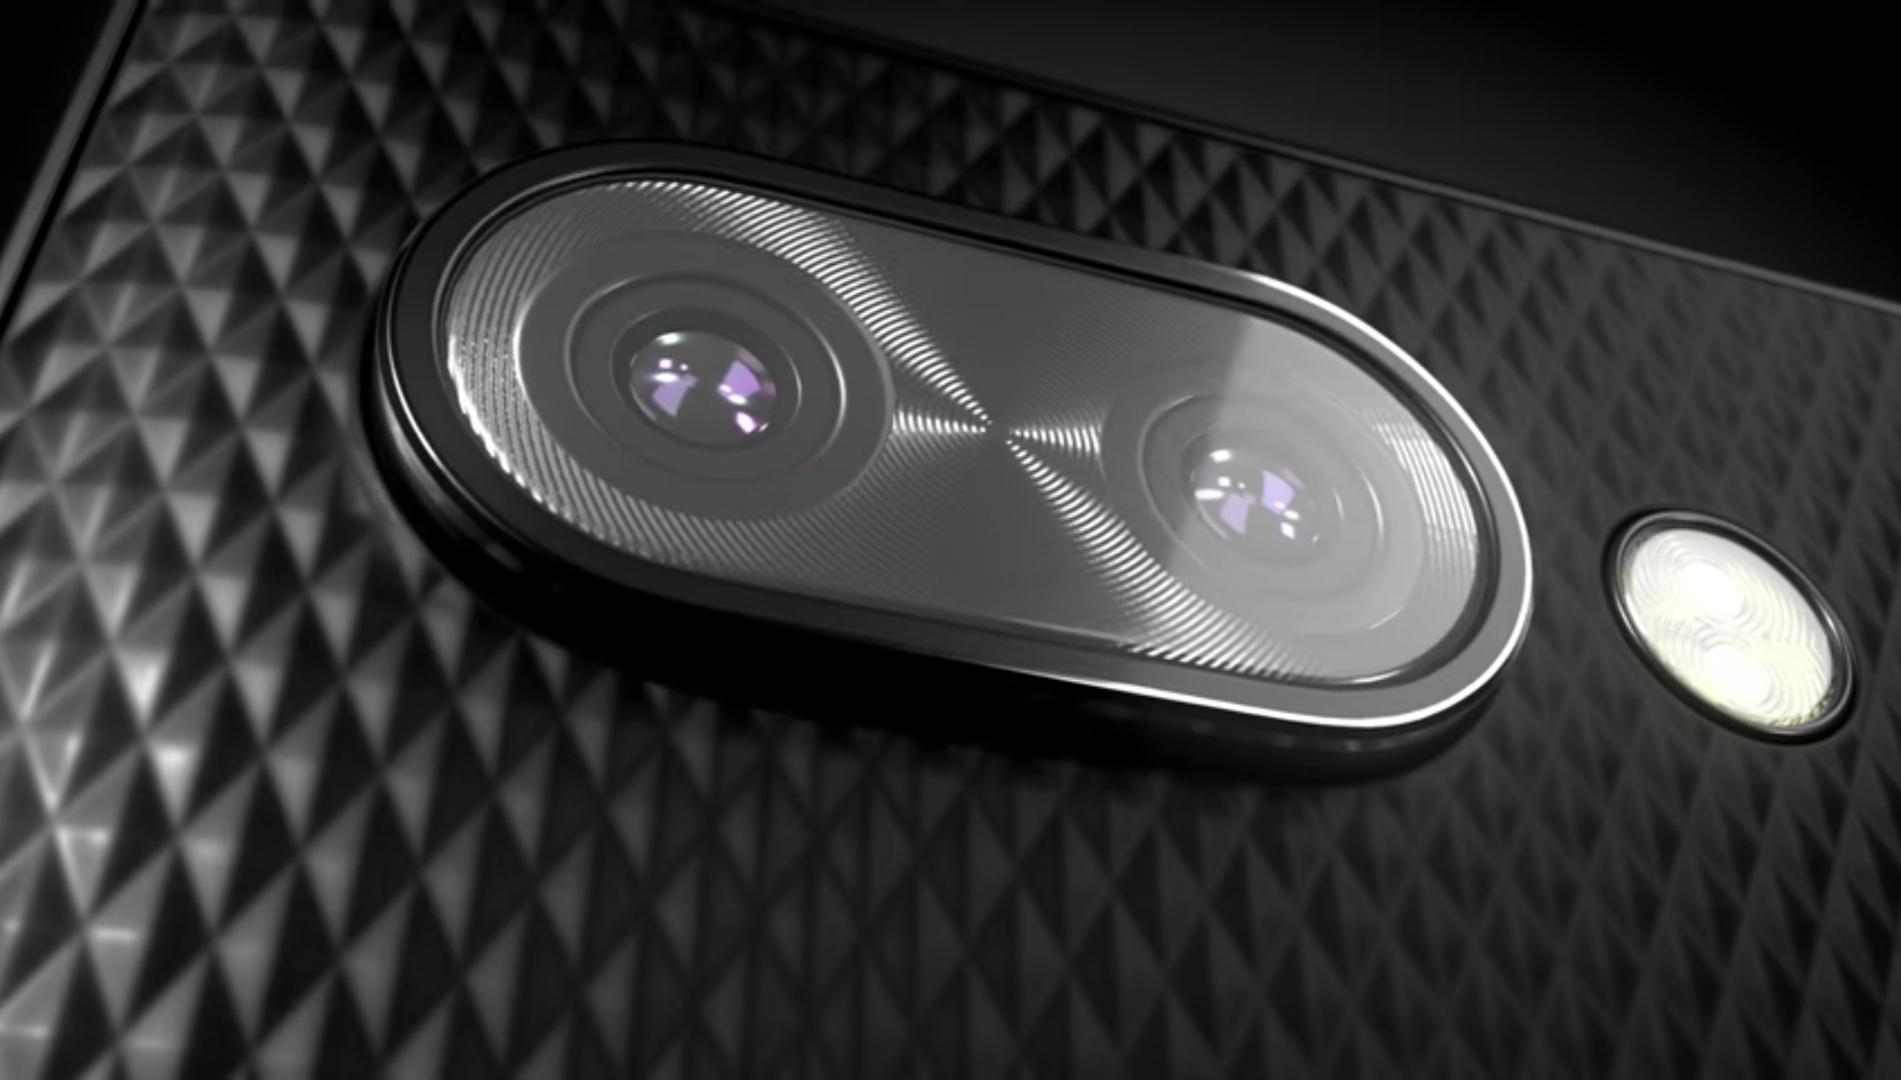 بلک بری کی ۲ (BlackBerry KEY2) رسما ۱۷ خرداد رونمایی می شود، تایید دوربین دوگانه